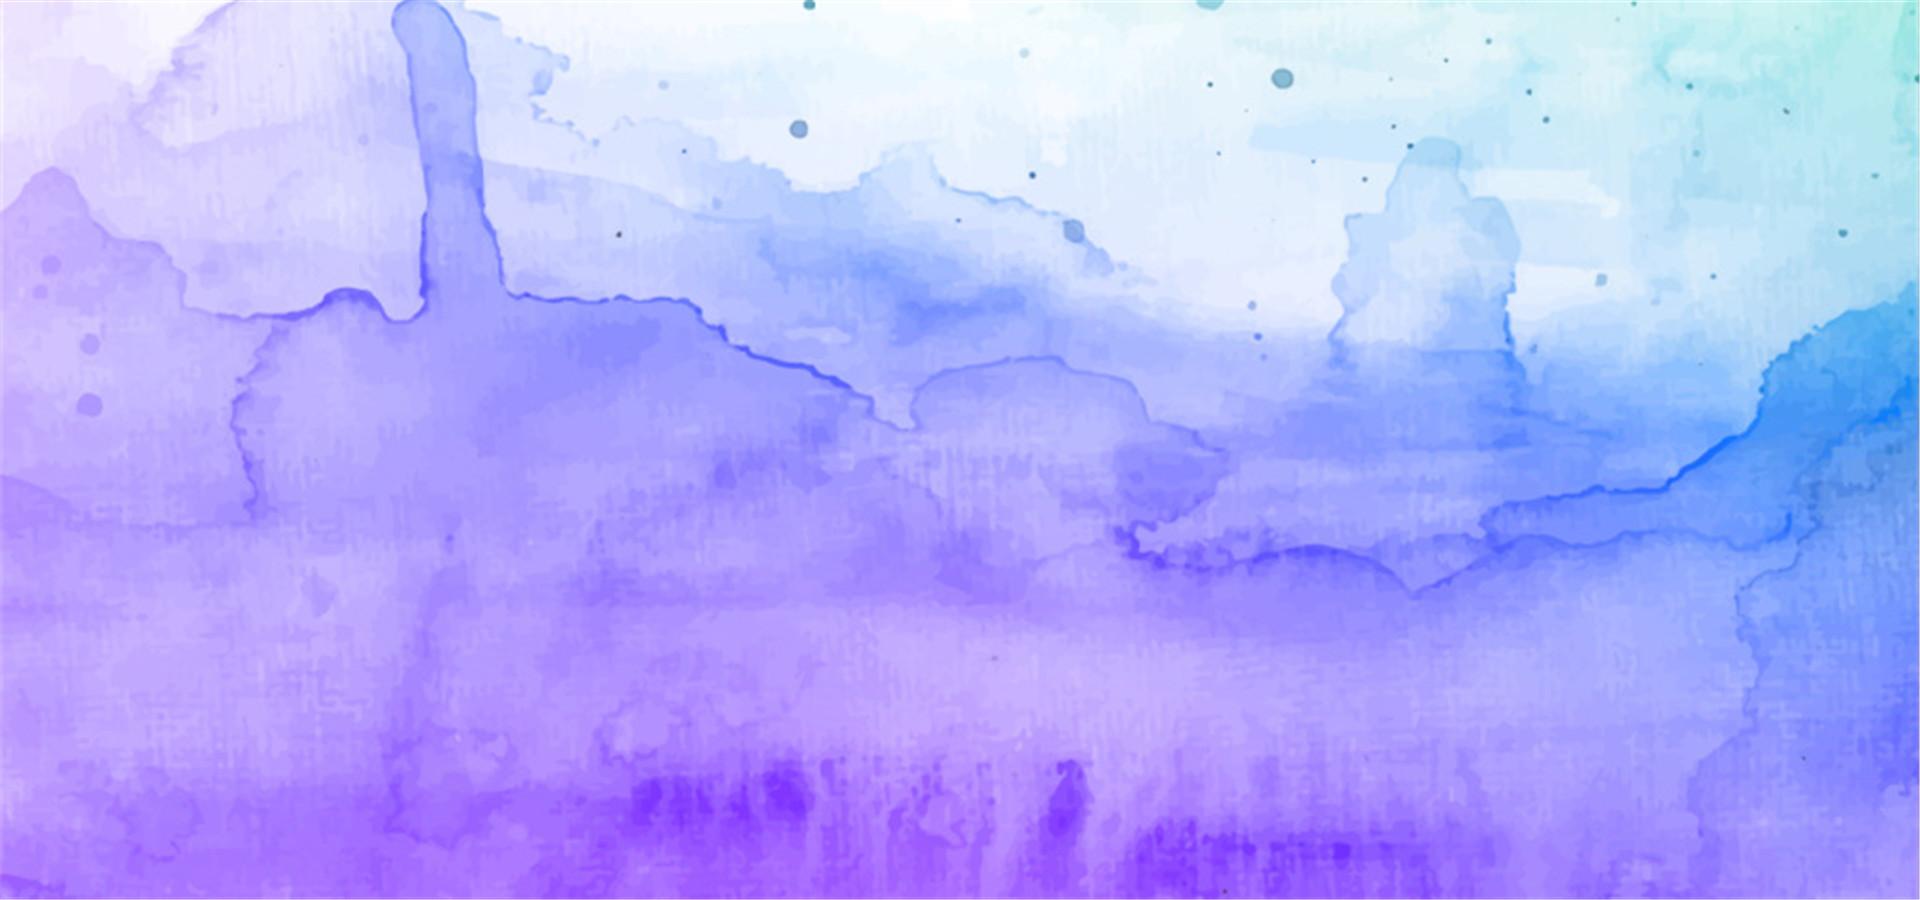 carte aquarelle la texture papier peint contexte archipel